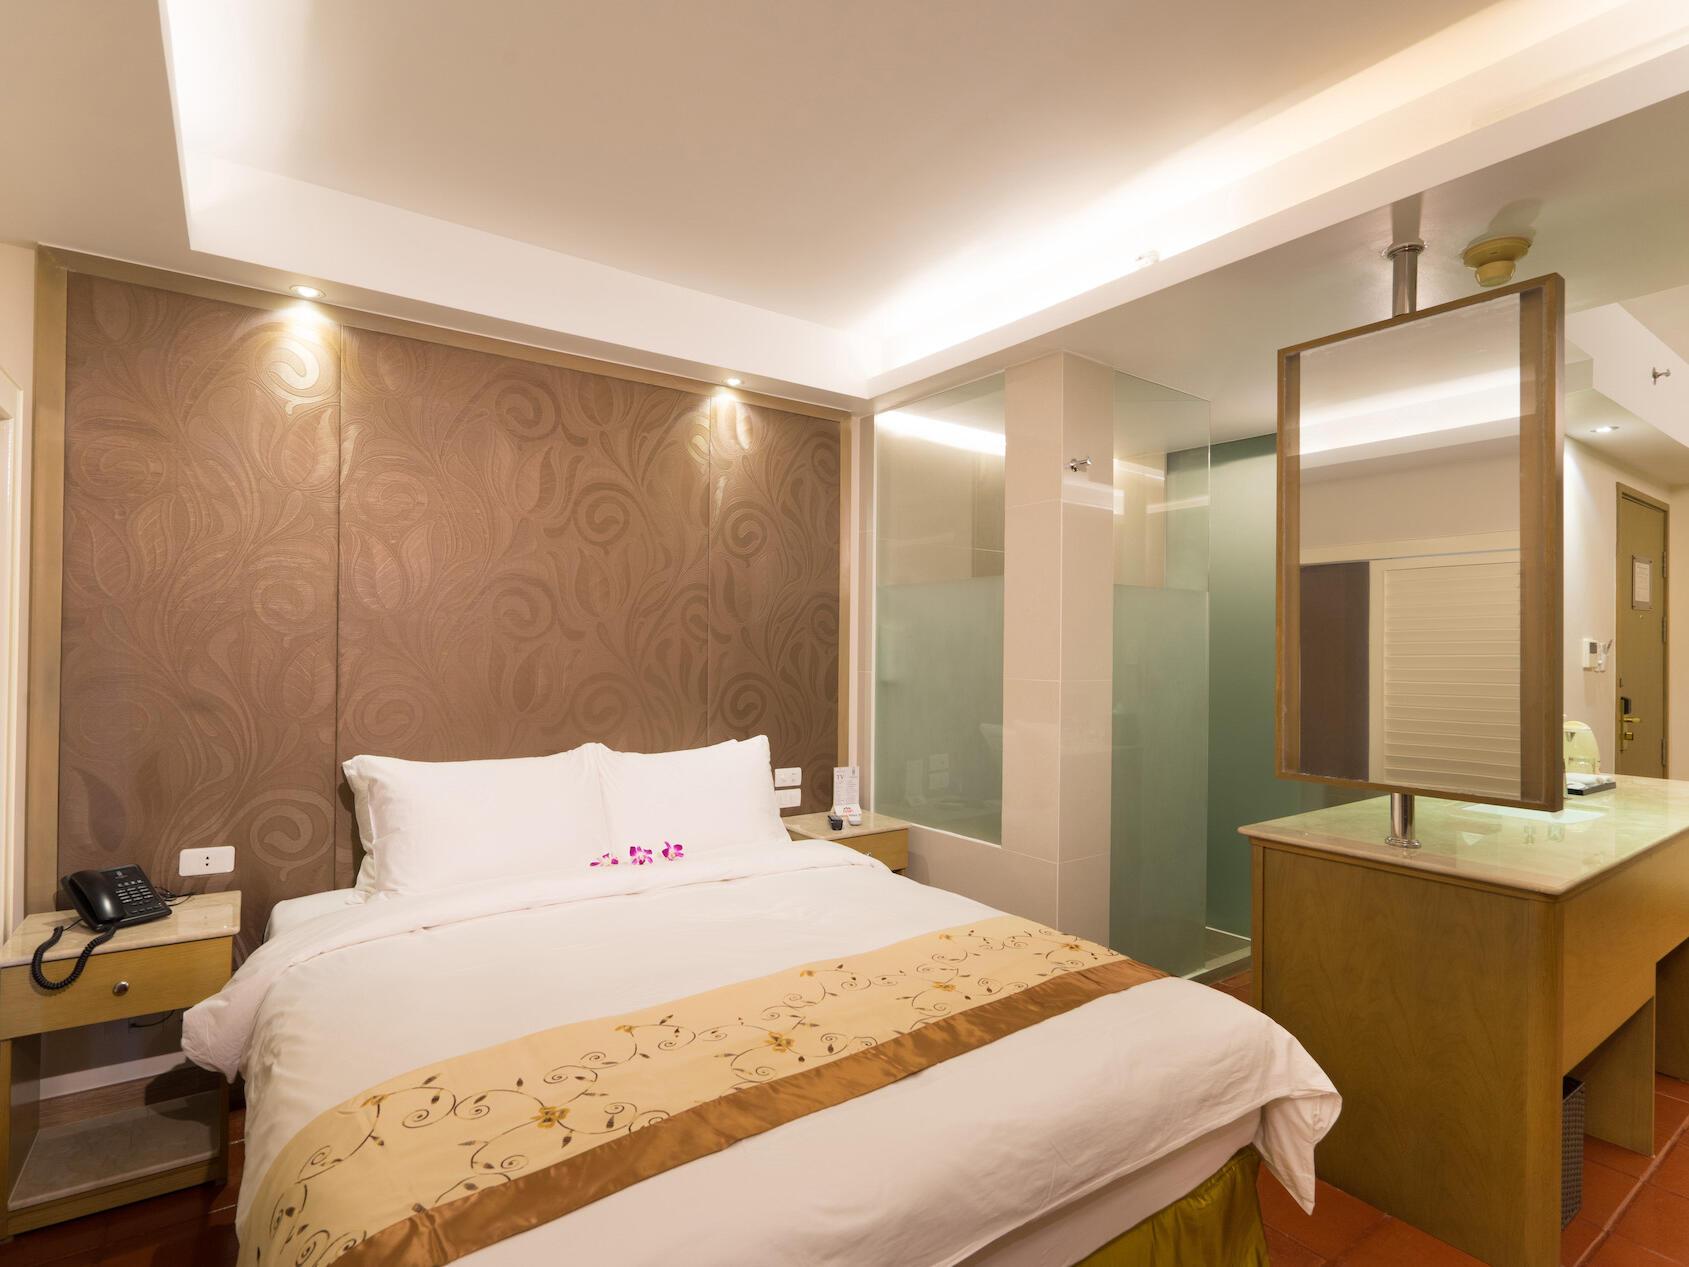 Studio Suite bedroom with mirror  at Empress Hotel Saigon